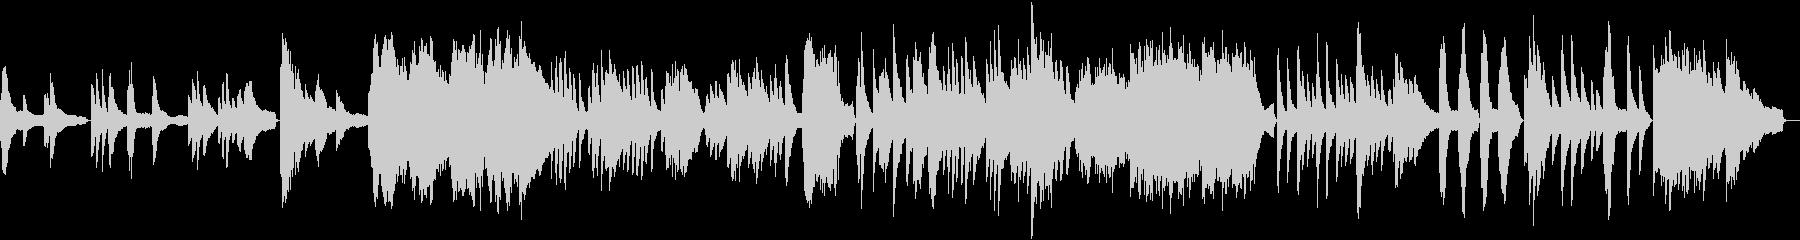 碧い海のきらめきを表現したピアノソロですの未再生の波形